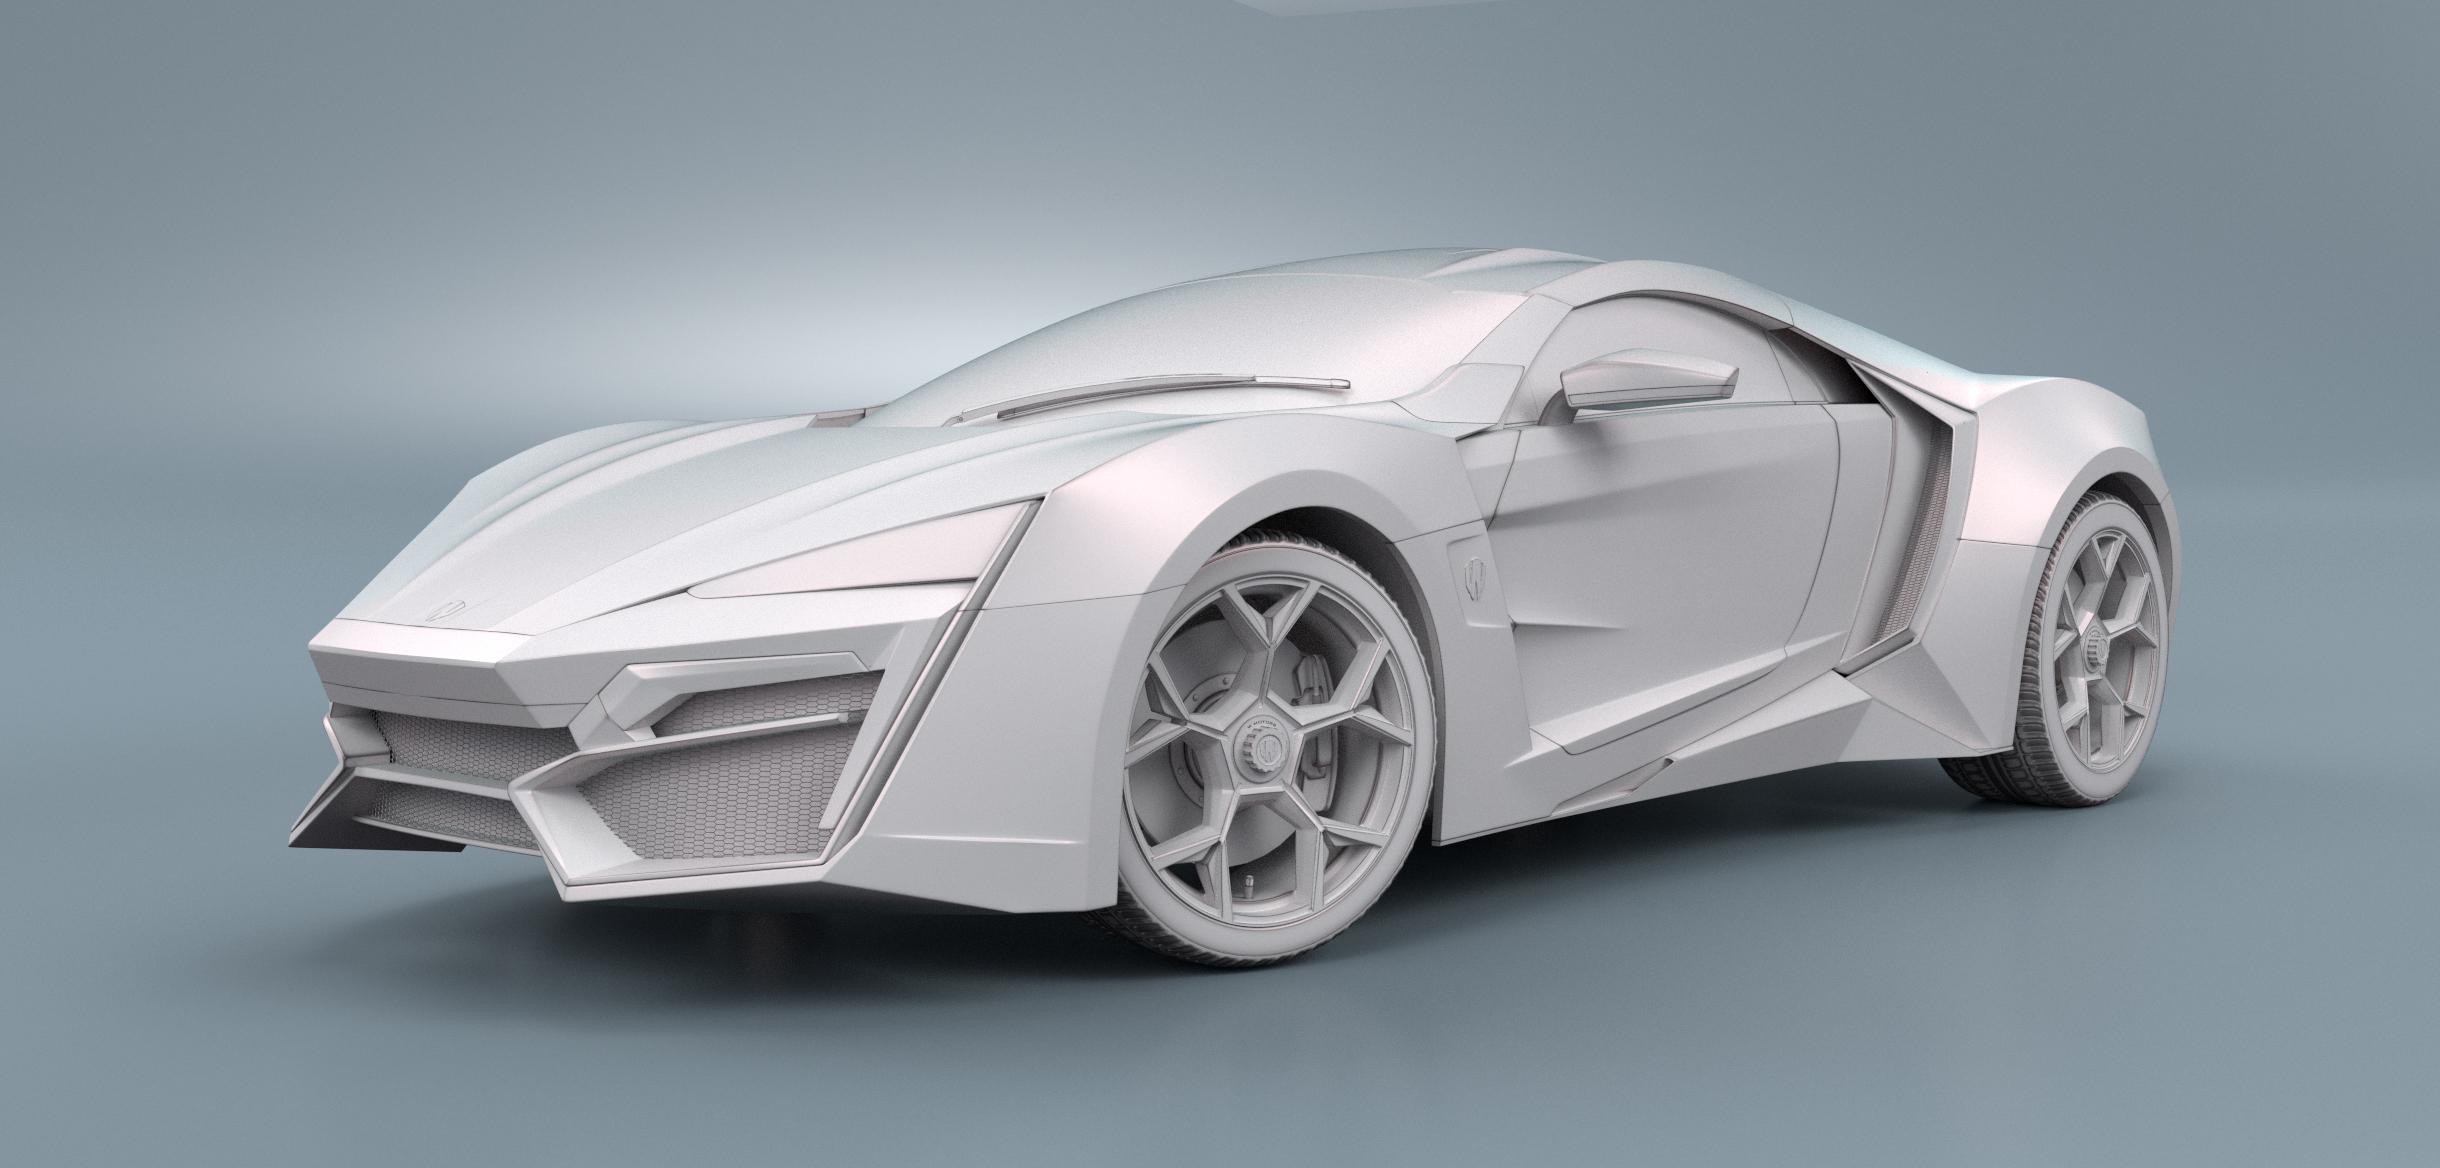 W Lykan Hypersport >> W Motors Lykan Hypersport by Dedisset on DeviantArt